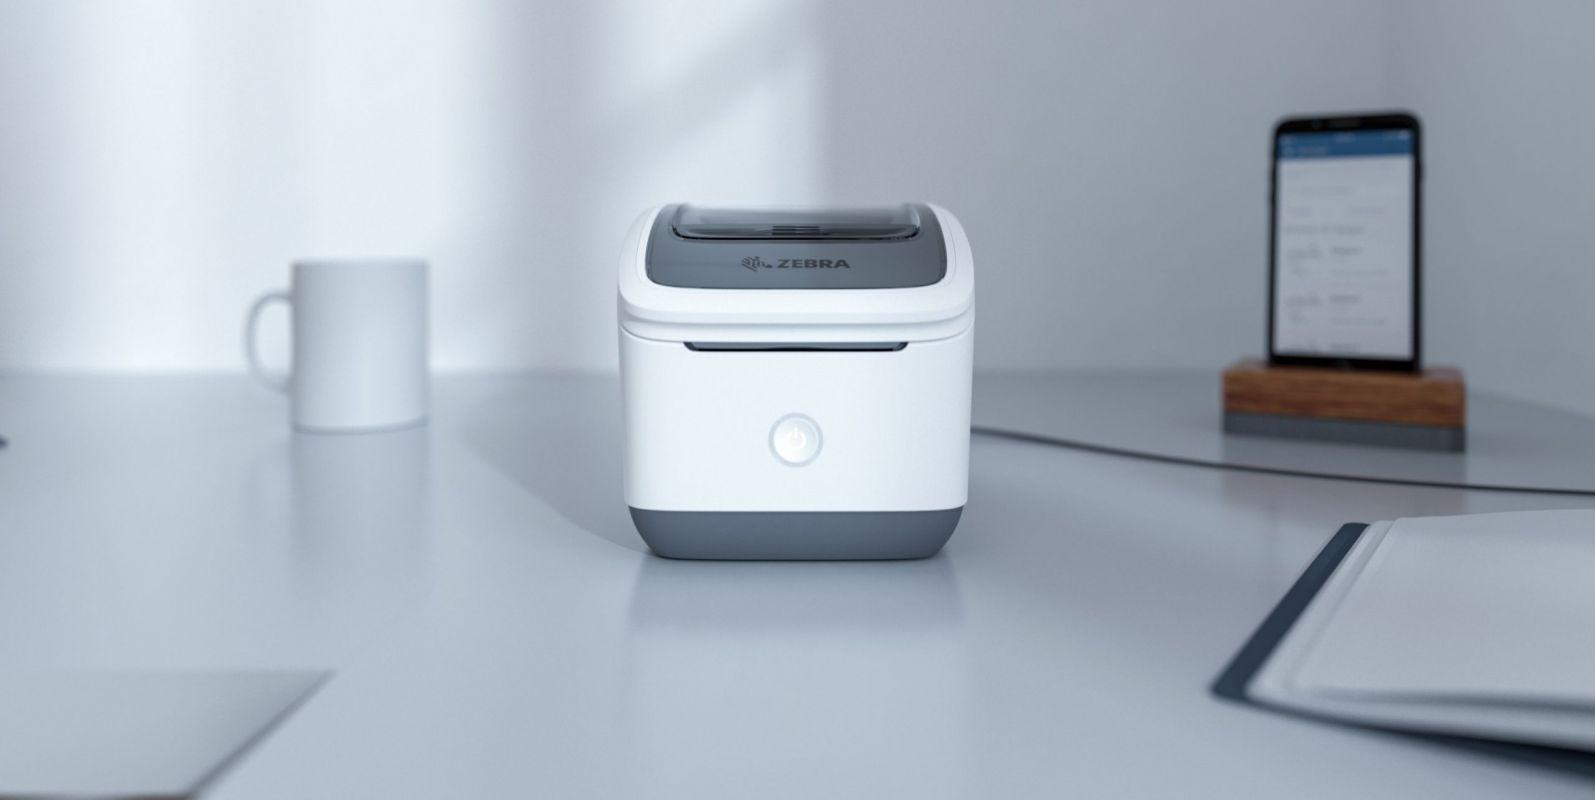 Zebra apresenta sua primeira impressora de etiquetas sem fio